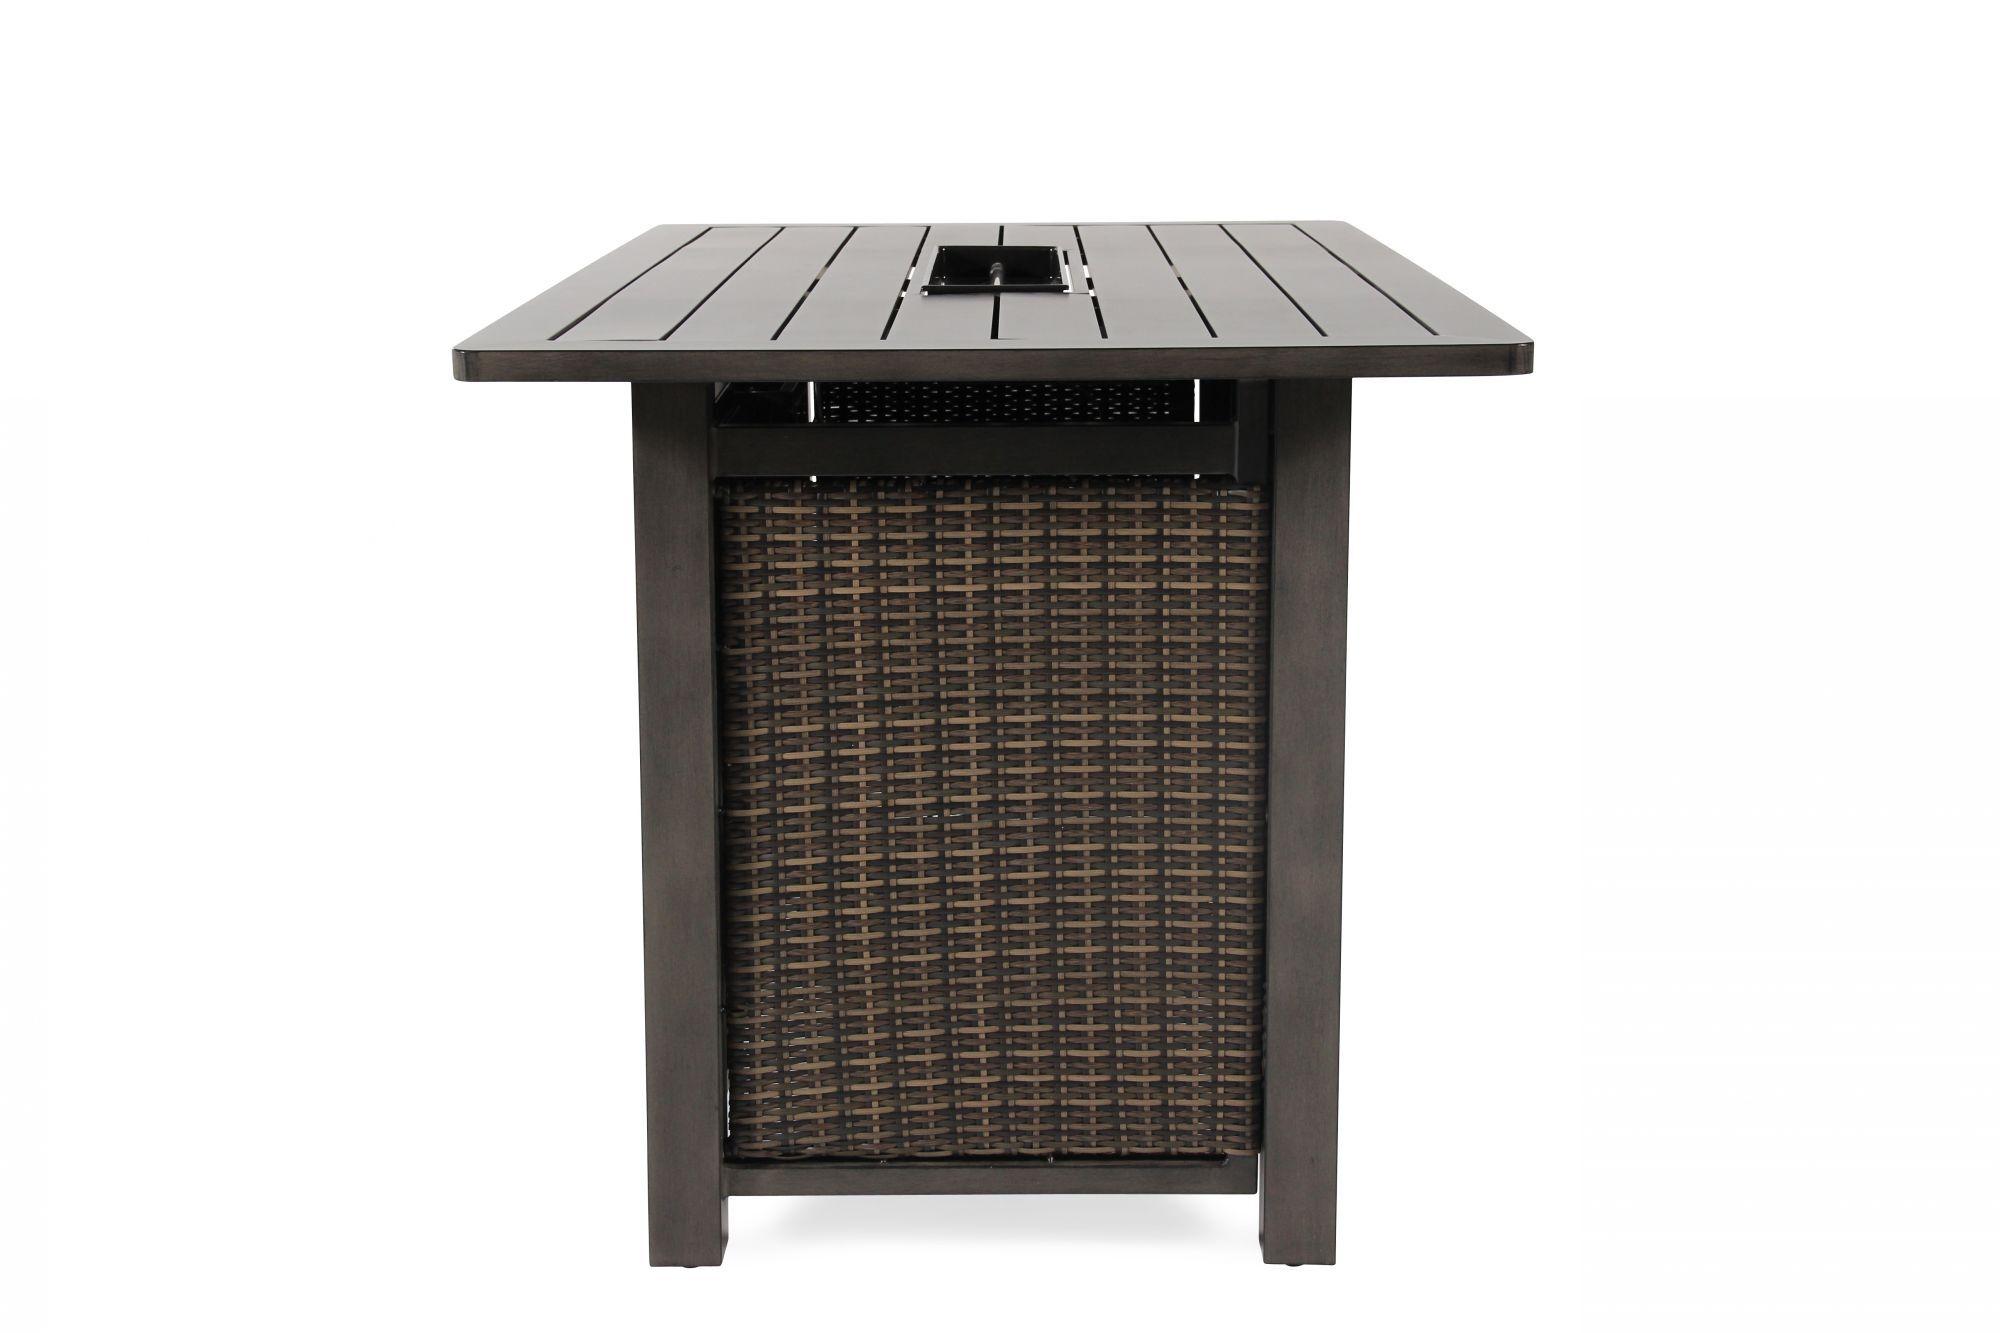 ... Rectangular Contemporary Bar Height Fire Tableu0026nbsp ...